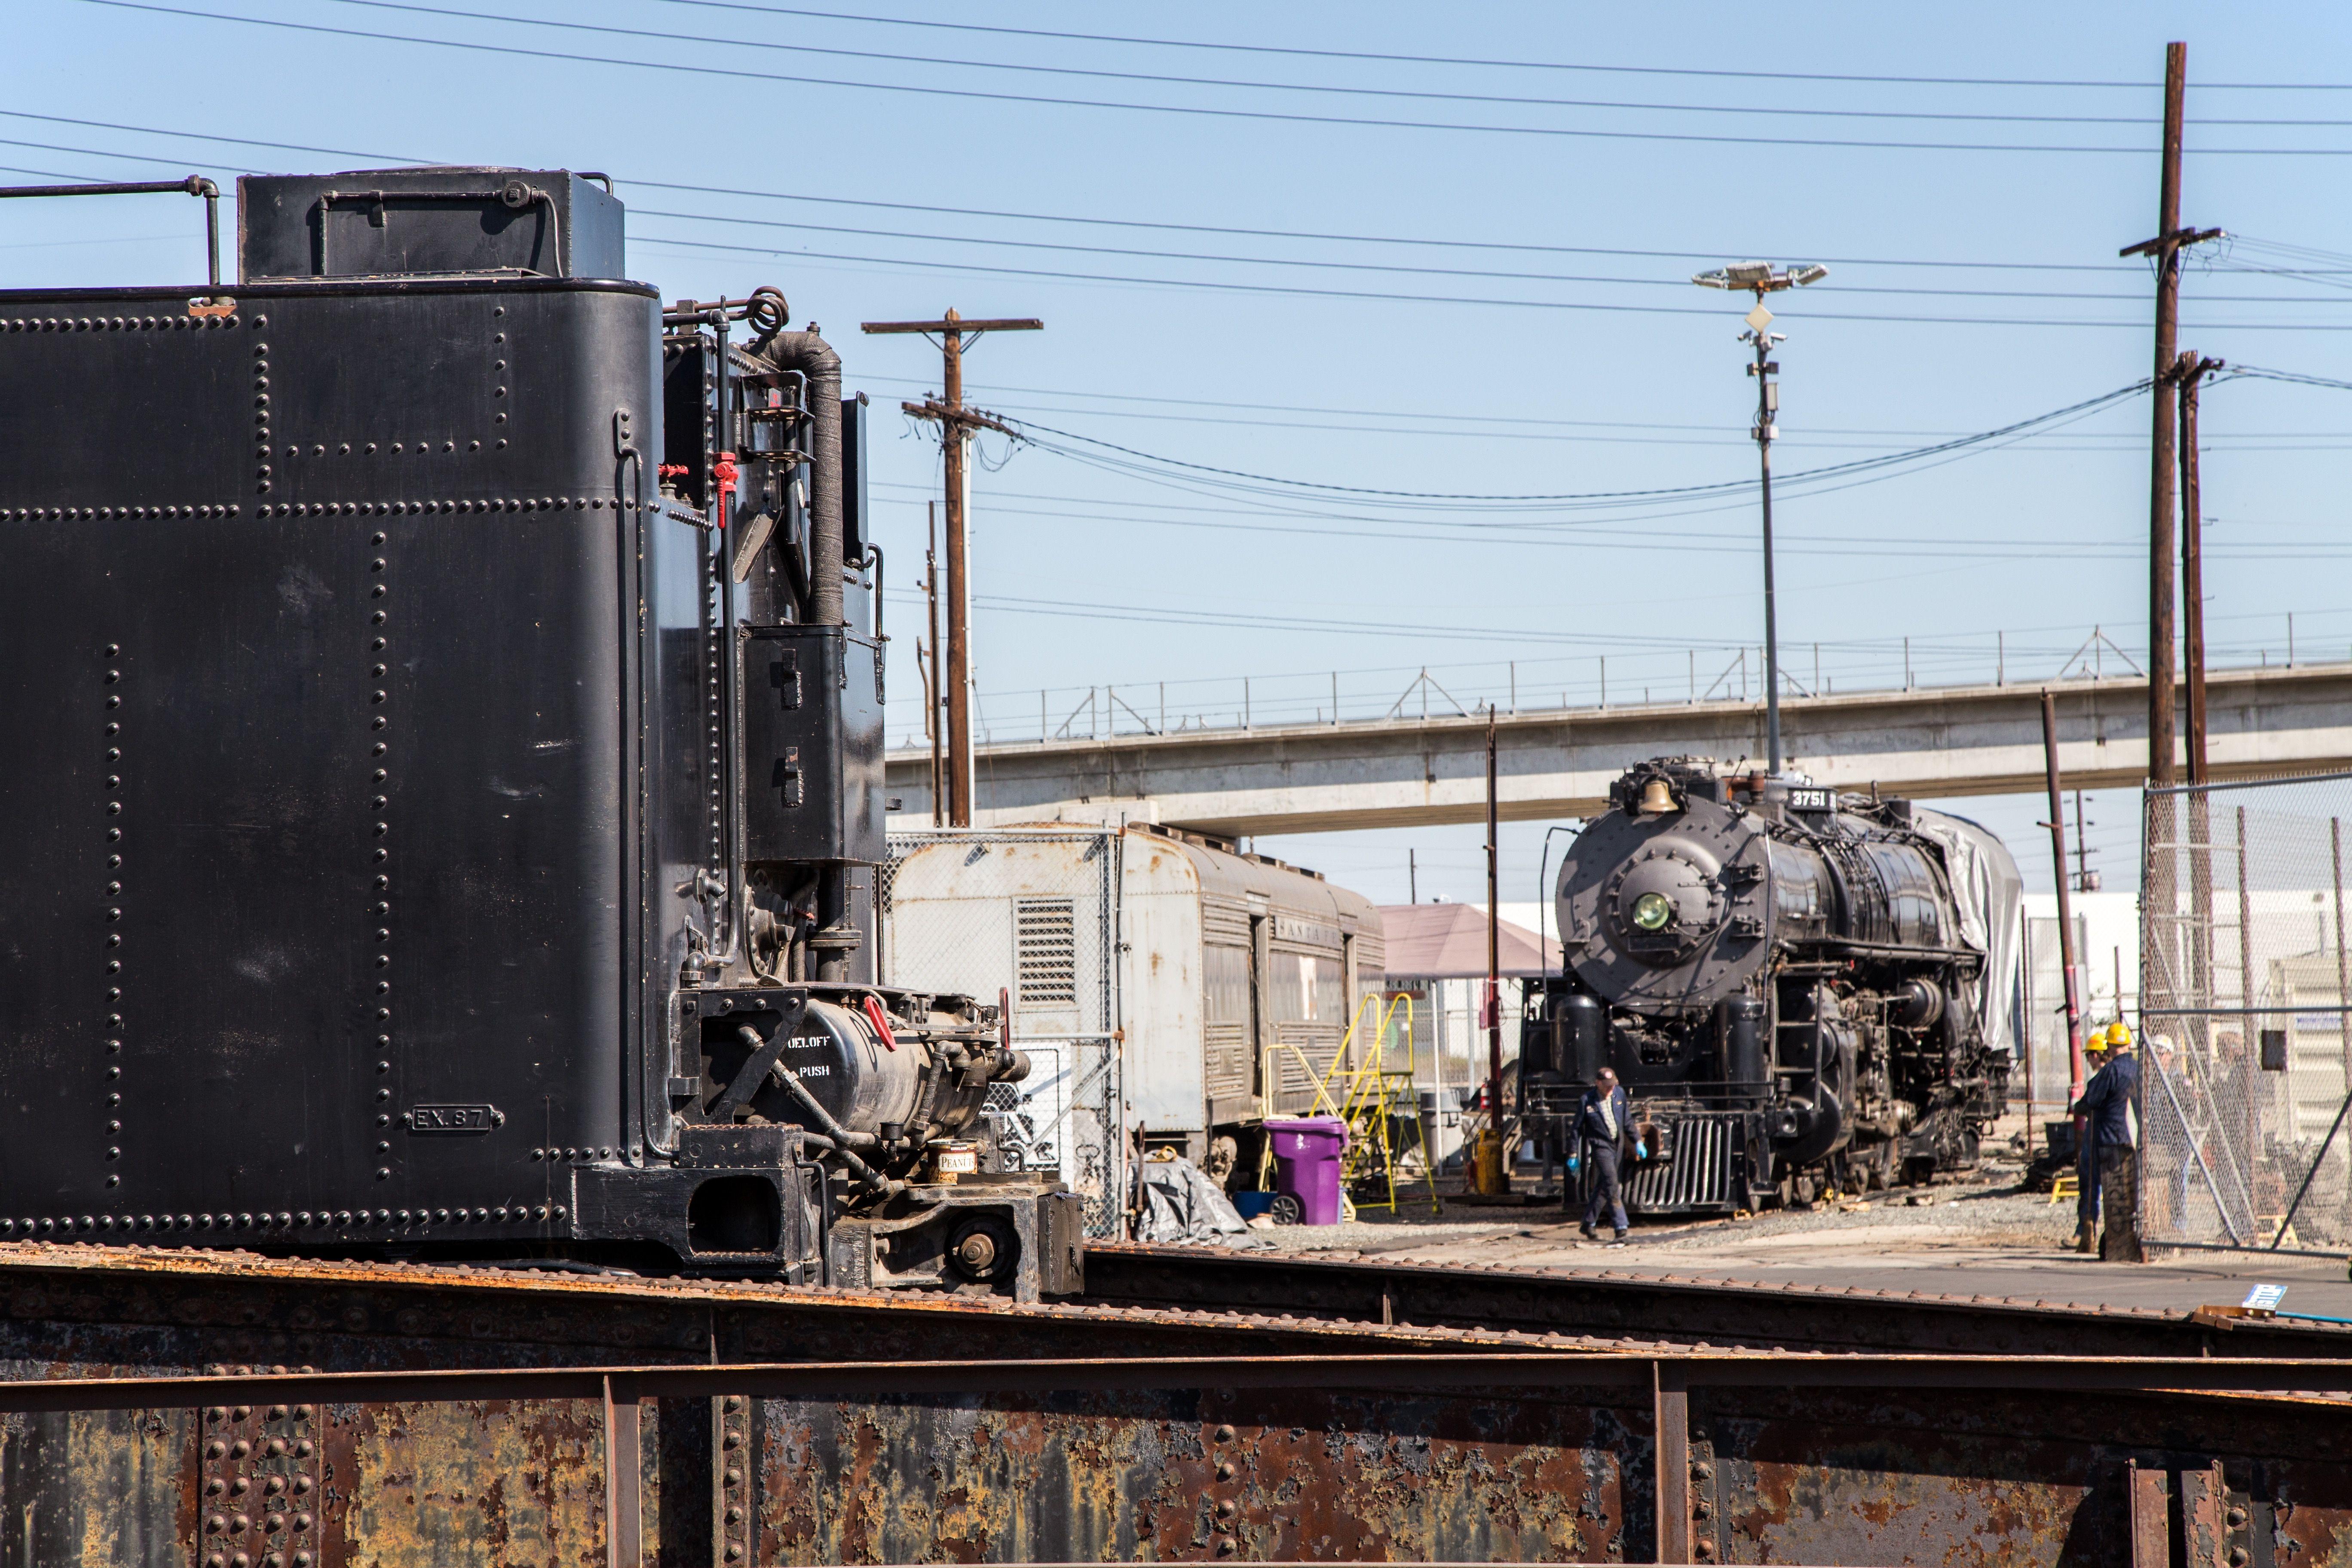 Locomotive - Tender Separation Complete